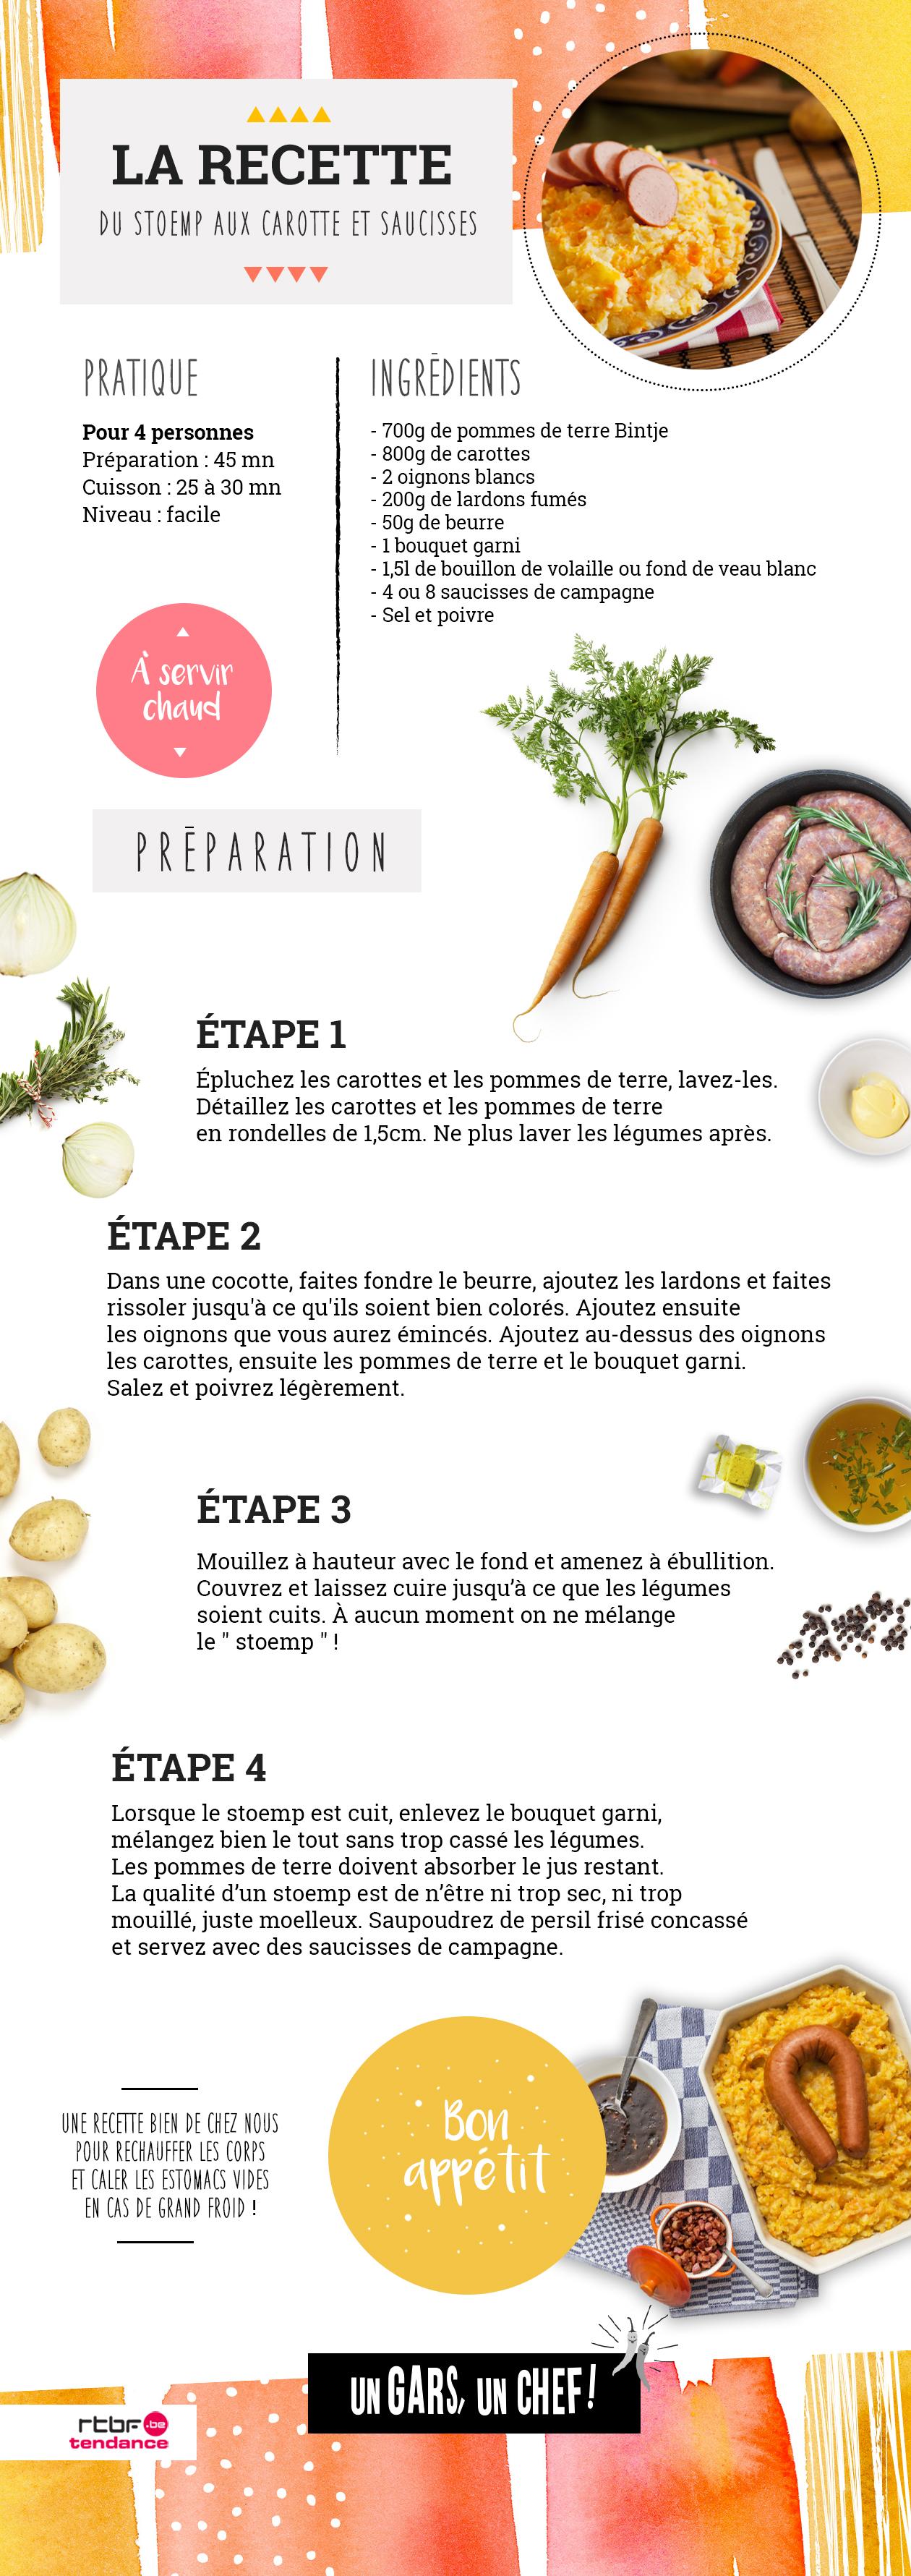 Recette le stoemp aux carottes saucisses et oeufs d 39 un gars un chef - Telecharger recette de cuisine algerienne pdf ...